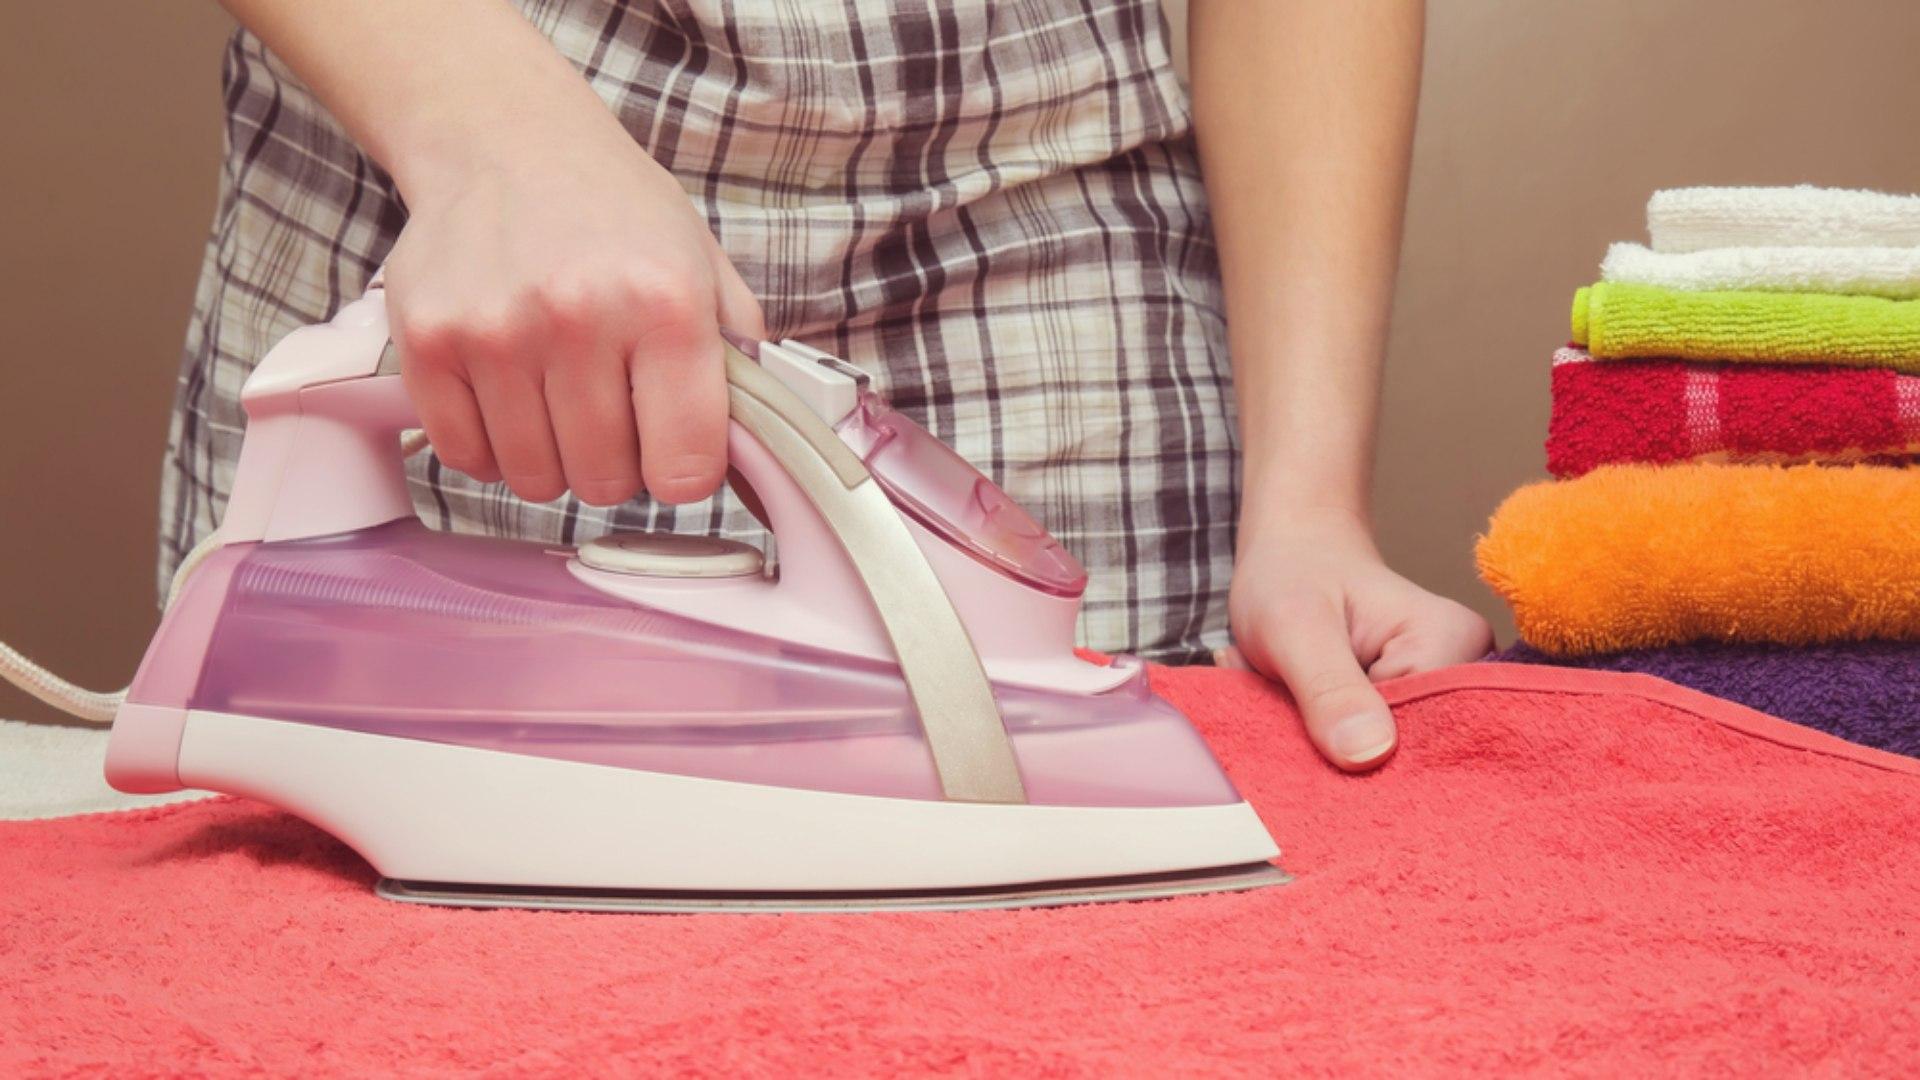 глажка полотенца